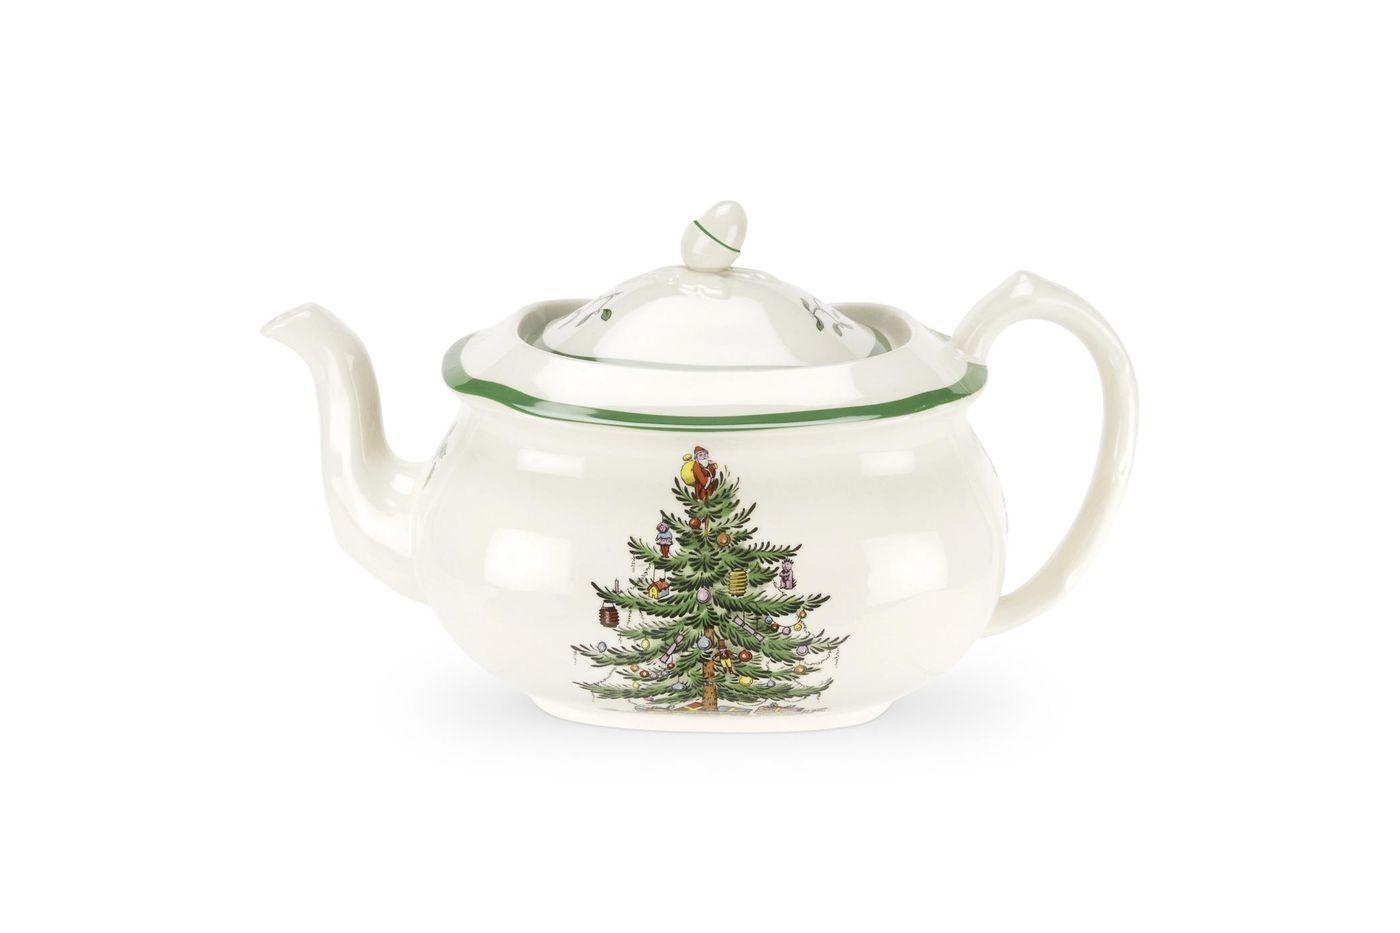 Spode Christmas Tree Teapot 2 1/2pt thumb 1